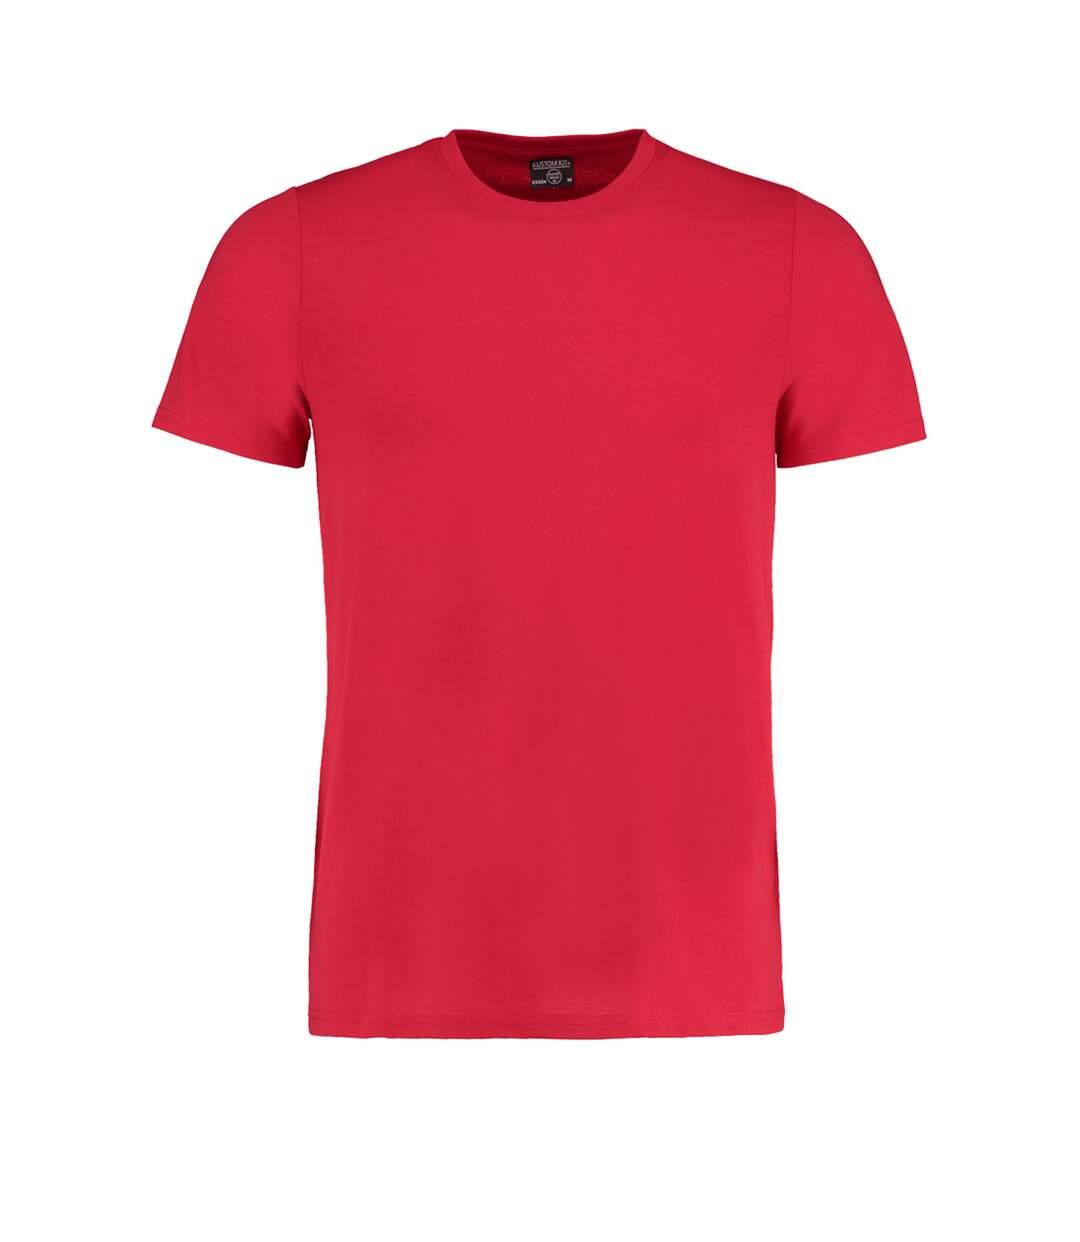 Kustom Kit Mens Superwash 60 Fashion Fit T-Shirt (Red) - UTBC3729